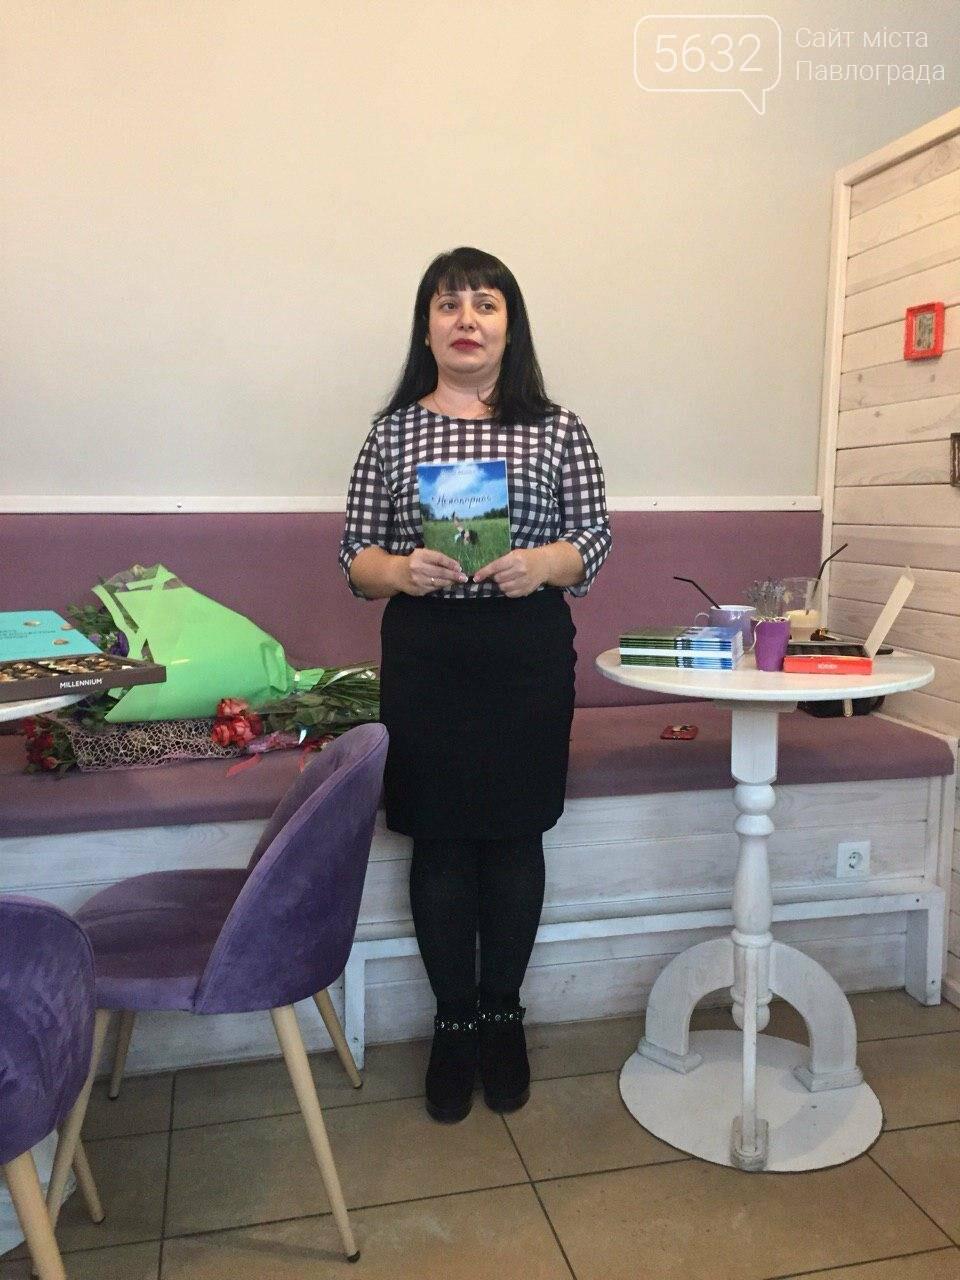 Талантливая жительница Западного Донбасса презентовала свою дебютную книгу (ФОТОФАКТ) , фото-2